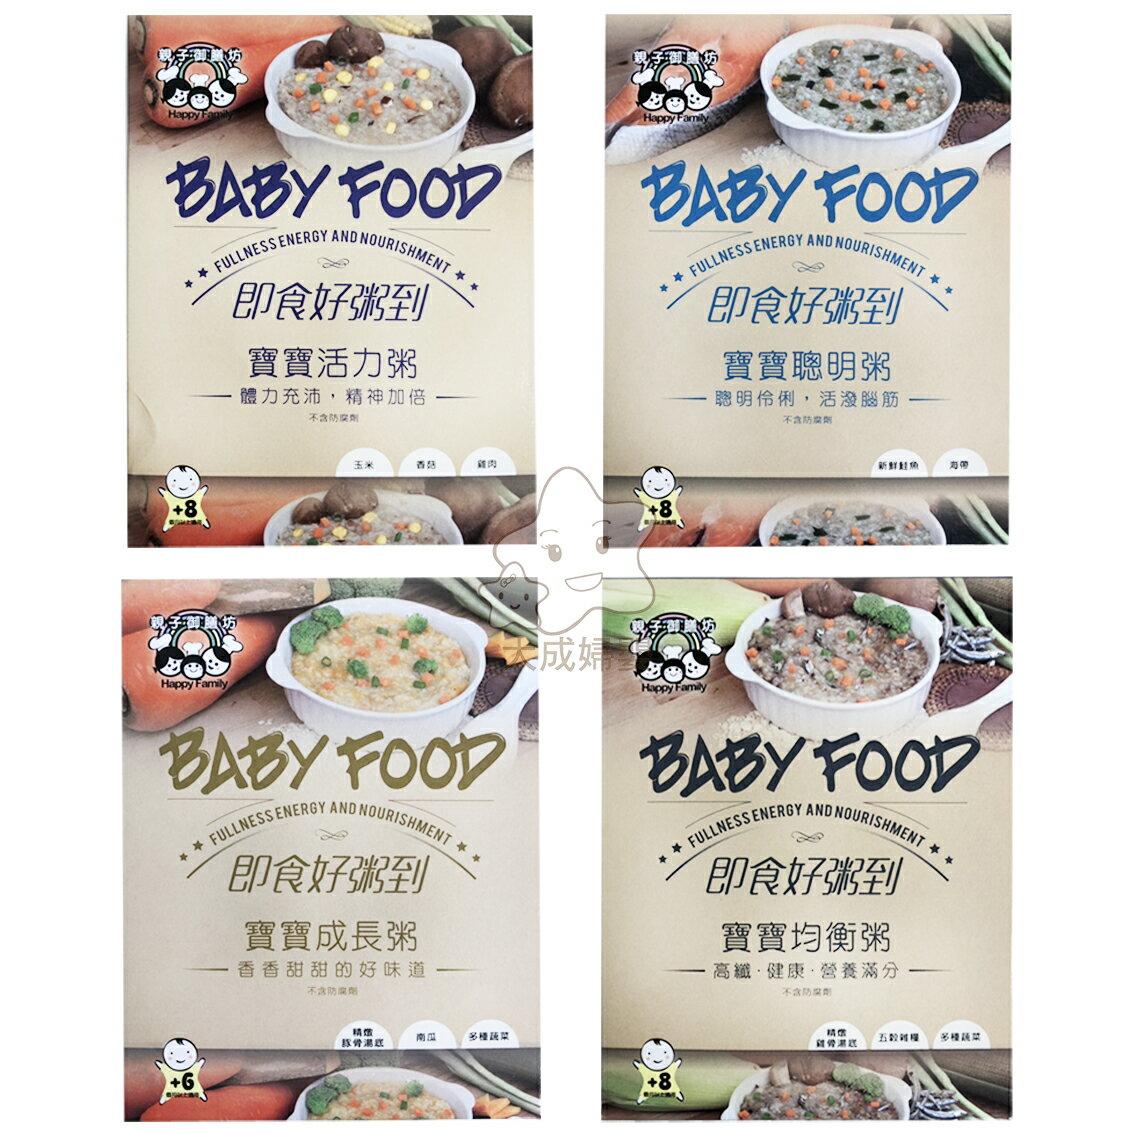 【大成婦嬰】親子御膳坊 寶寶即食好粥到系列 (6個月以上適用) 嬰幼兒副食品 / 買六送一(贈送隨機) 0